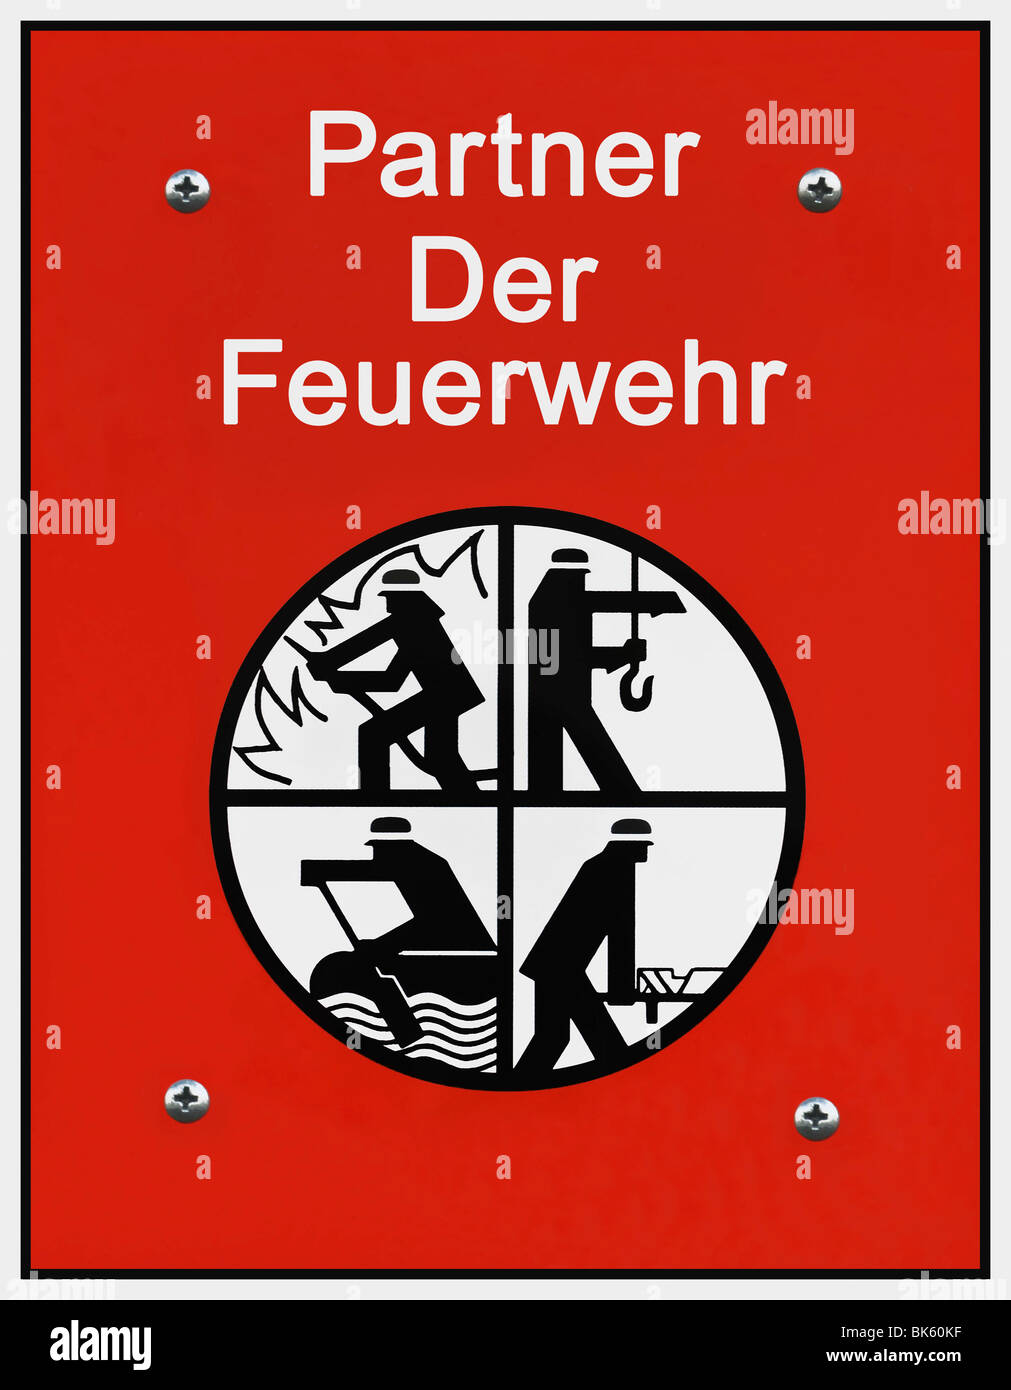 Segno, partner di vigili del fuoco, con simboli di vigili del fuoco, salvataggio e spegnimento, salvataggio, protezione Immagini Stock